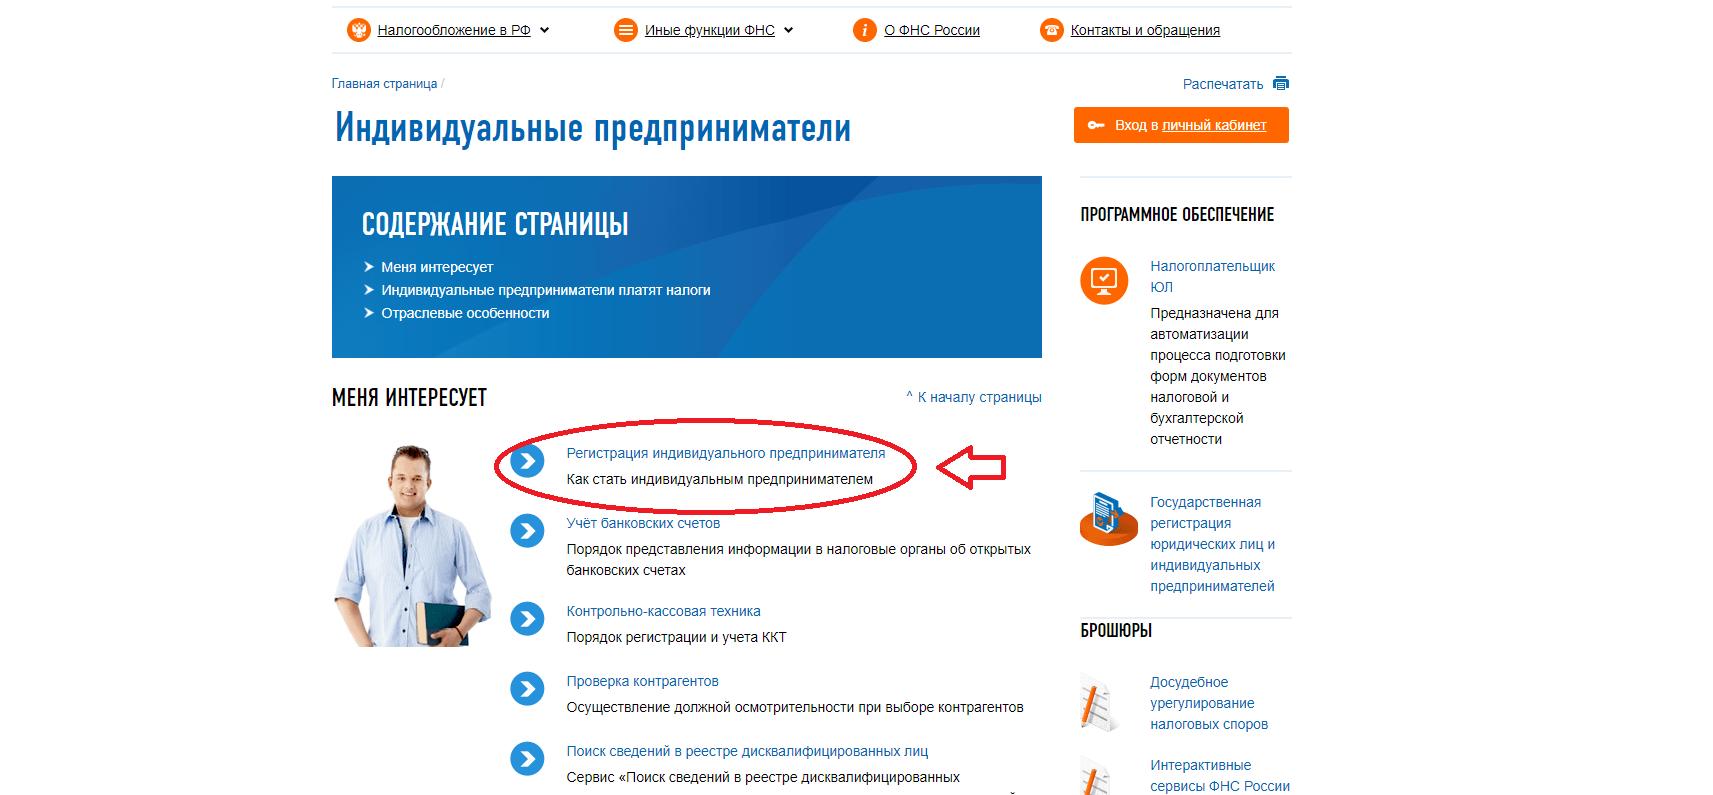 Регистрация ип через сайт ифнс ип ман скачать бесплатно без регистрации